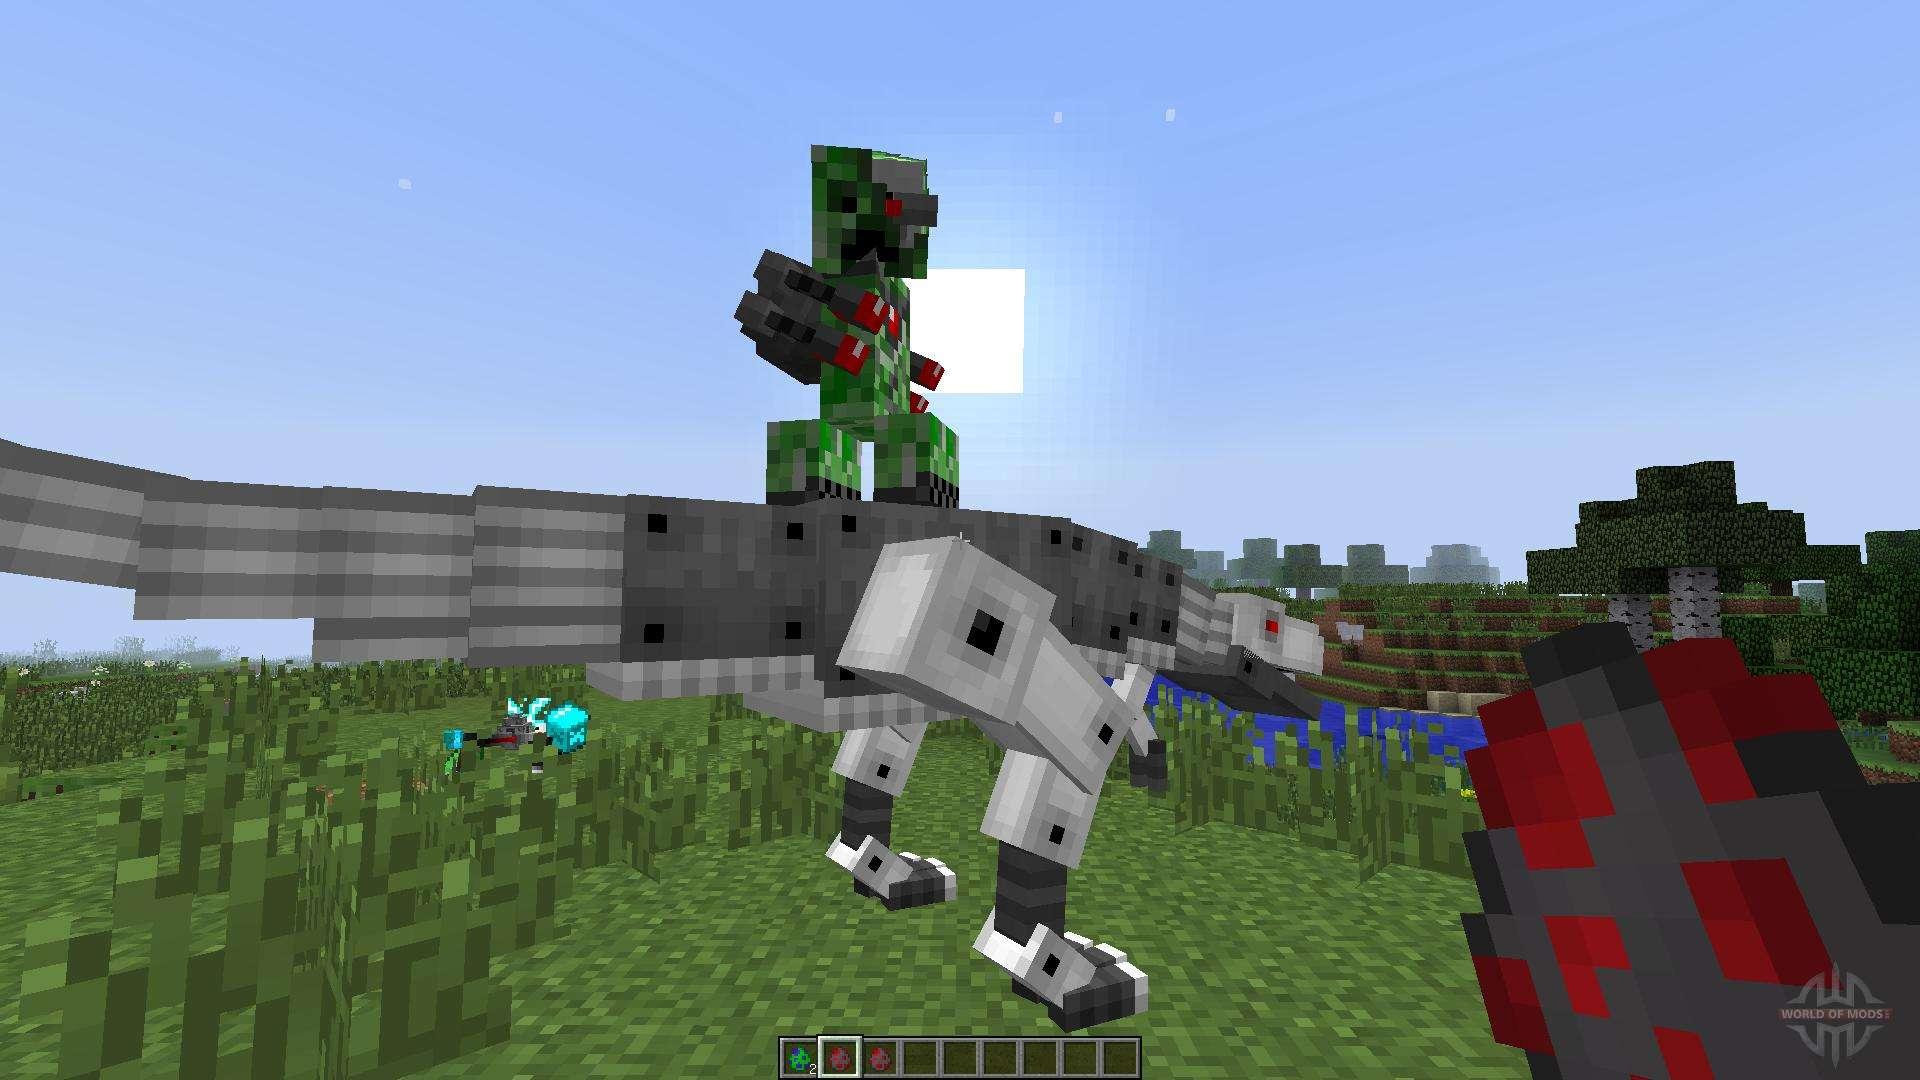 мод на роботов в майнкрафт 1.7.10 #1